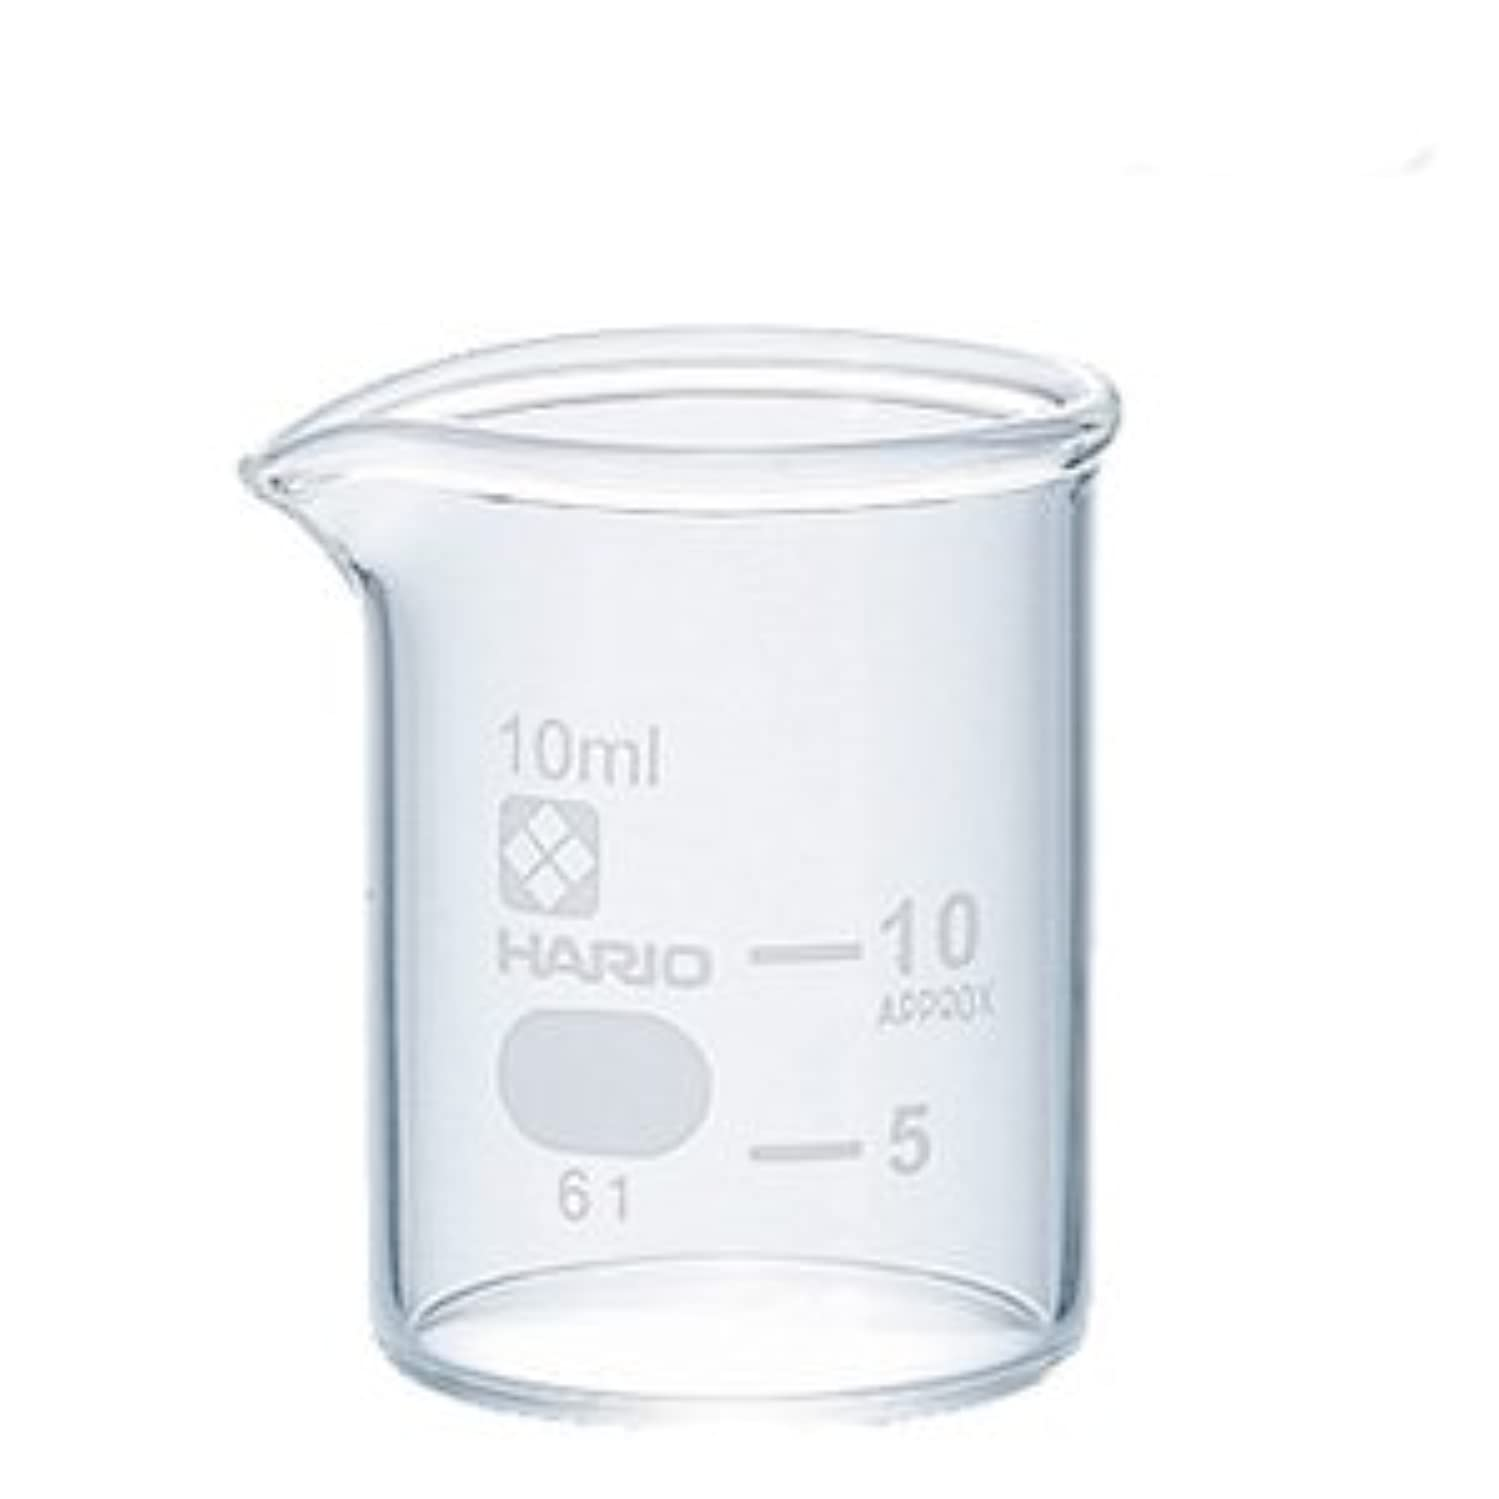 殺す過度に委任するガラスビーカー 10ml 【手作り石鹸/手作りコスメ/手作り化粧品】